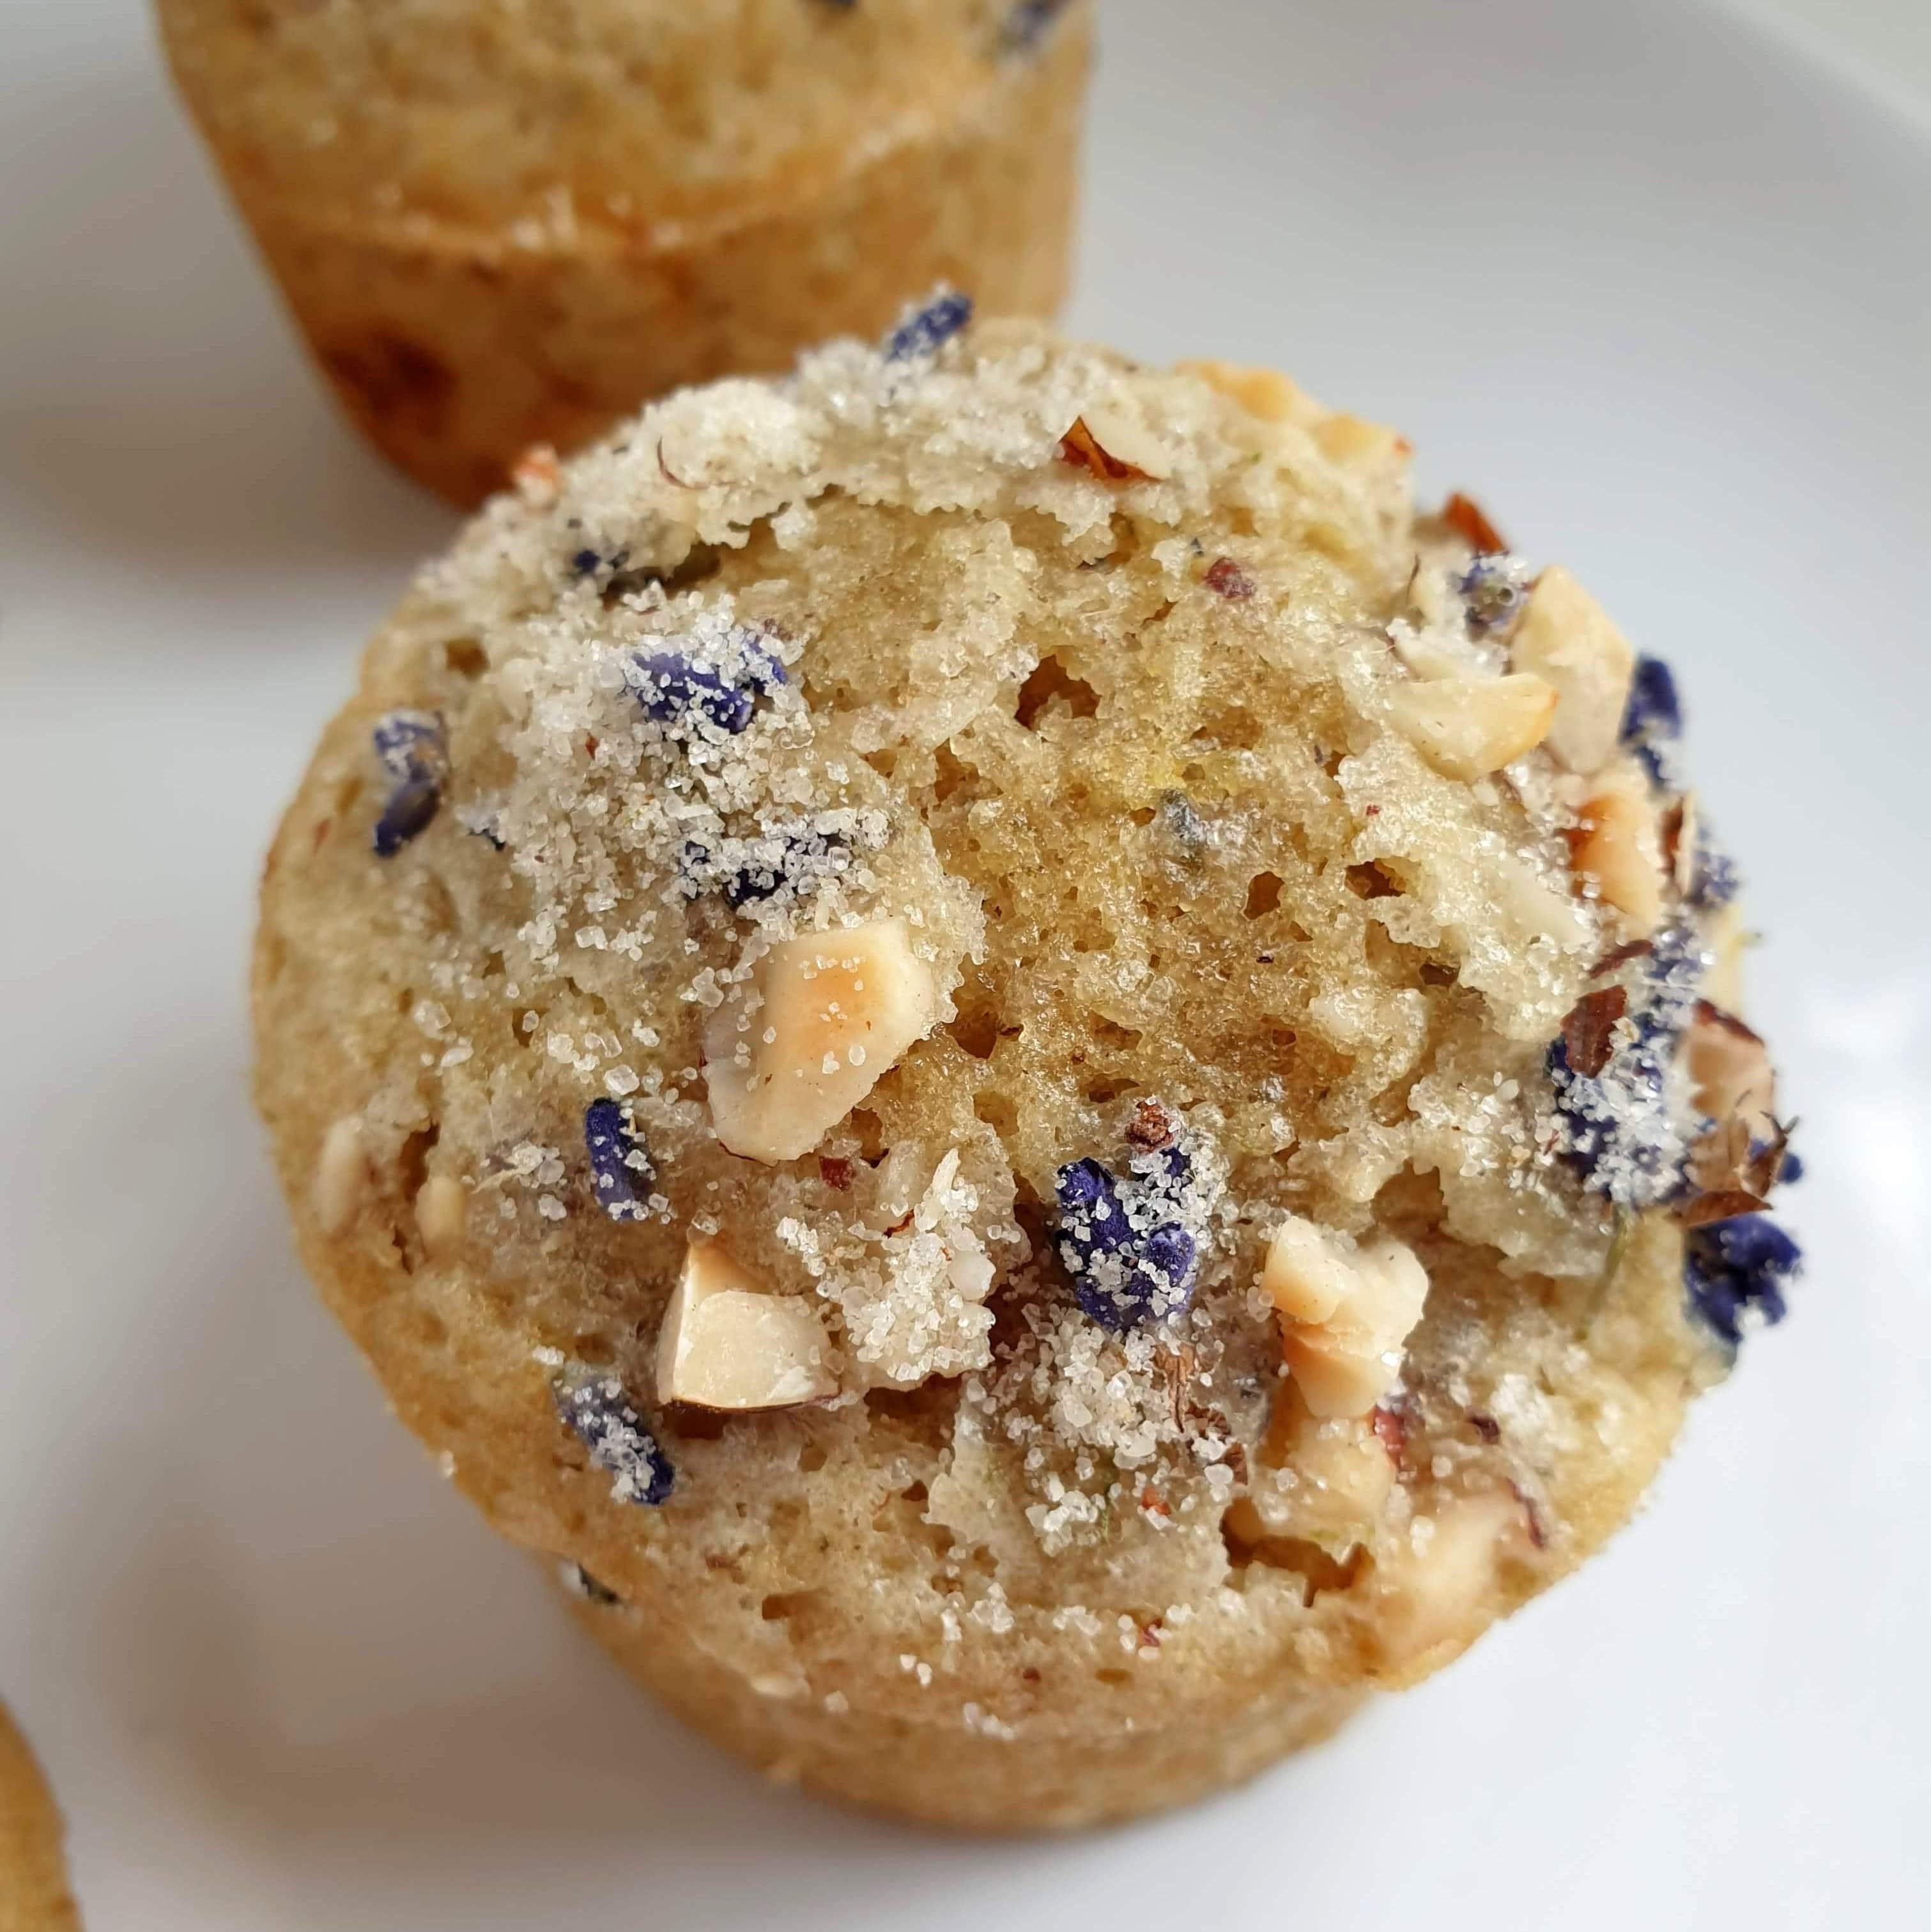 Earl Grey og lavendel muffins. Lækre luftige muffins med en fin parfumeret smag af lavendler. Uden mælkeprodukter, med æg og sukker. Find opskrifter, gratis print og inspiration til årets gang på danishthings.com #DanishThings #earlgrey #te #lavendel #citron #muffins #kager